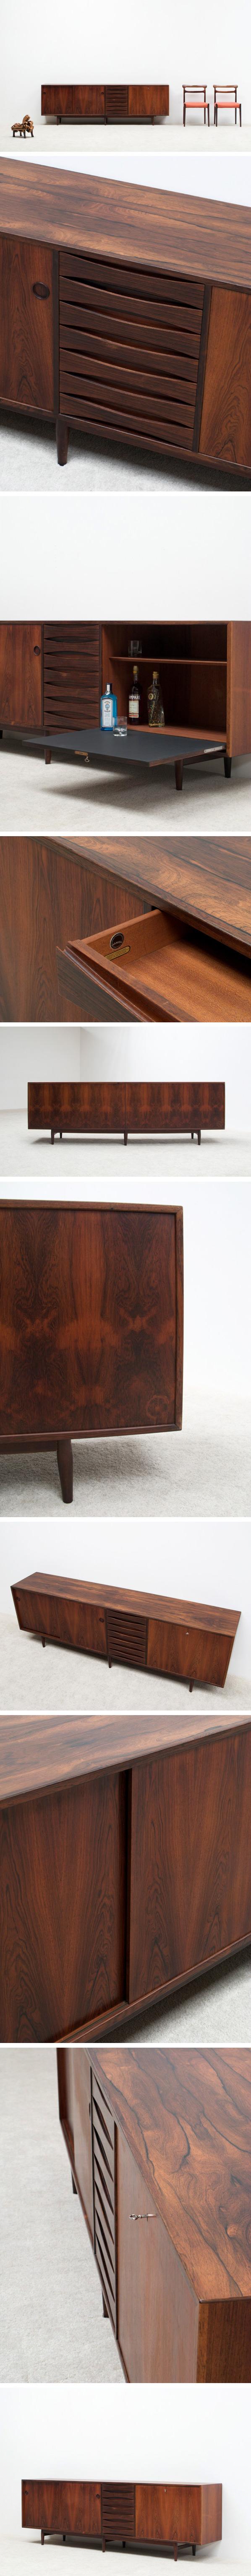 Arne Vodder brazilian rosewood sideboard for Sibast Large